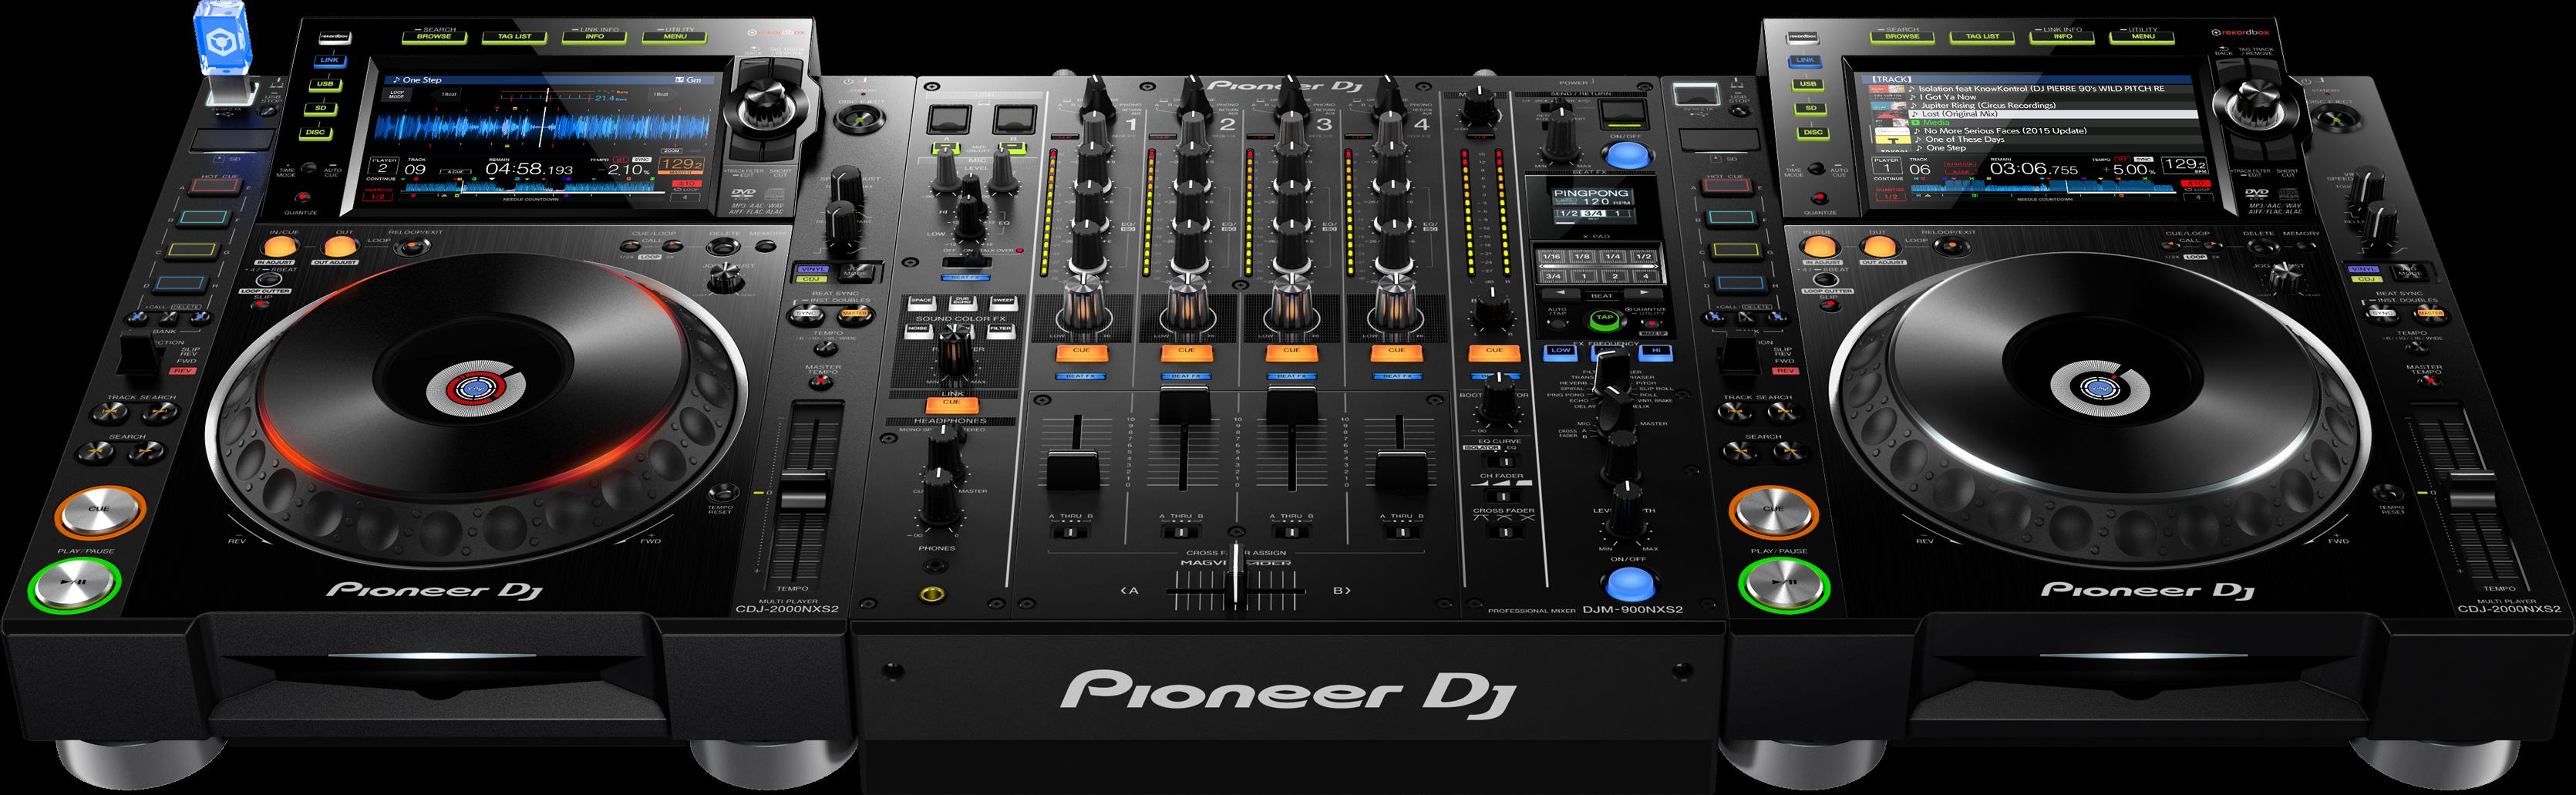 CDJ-2000NXS2 - DJM-900NXS2